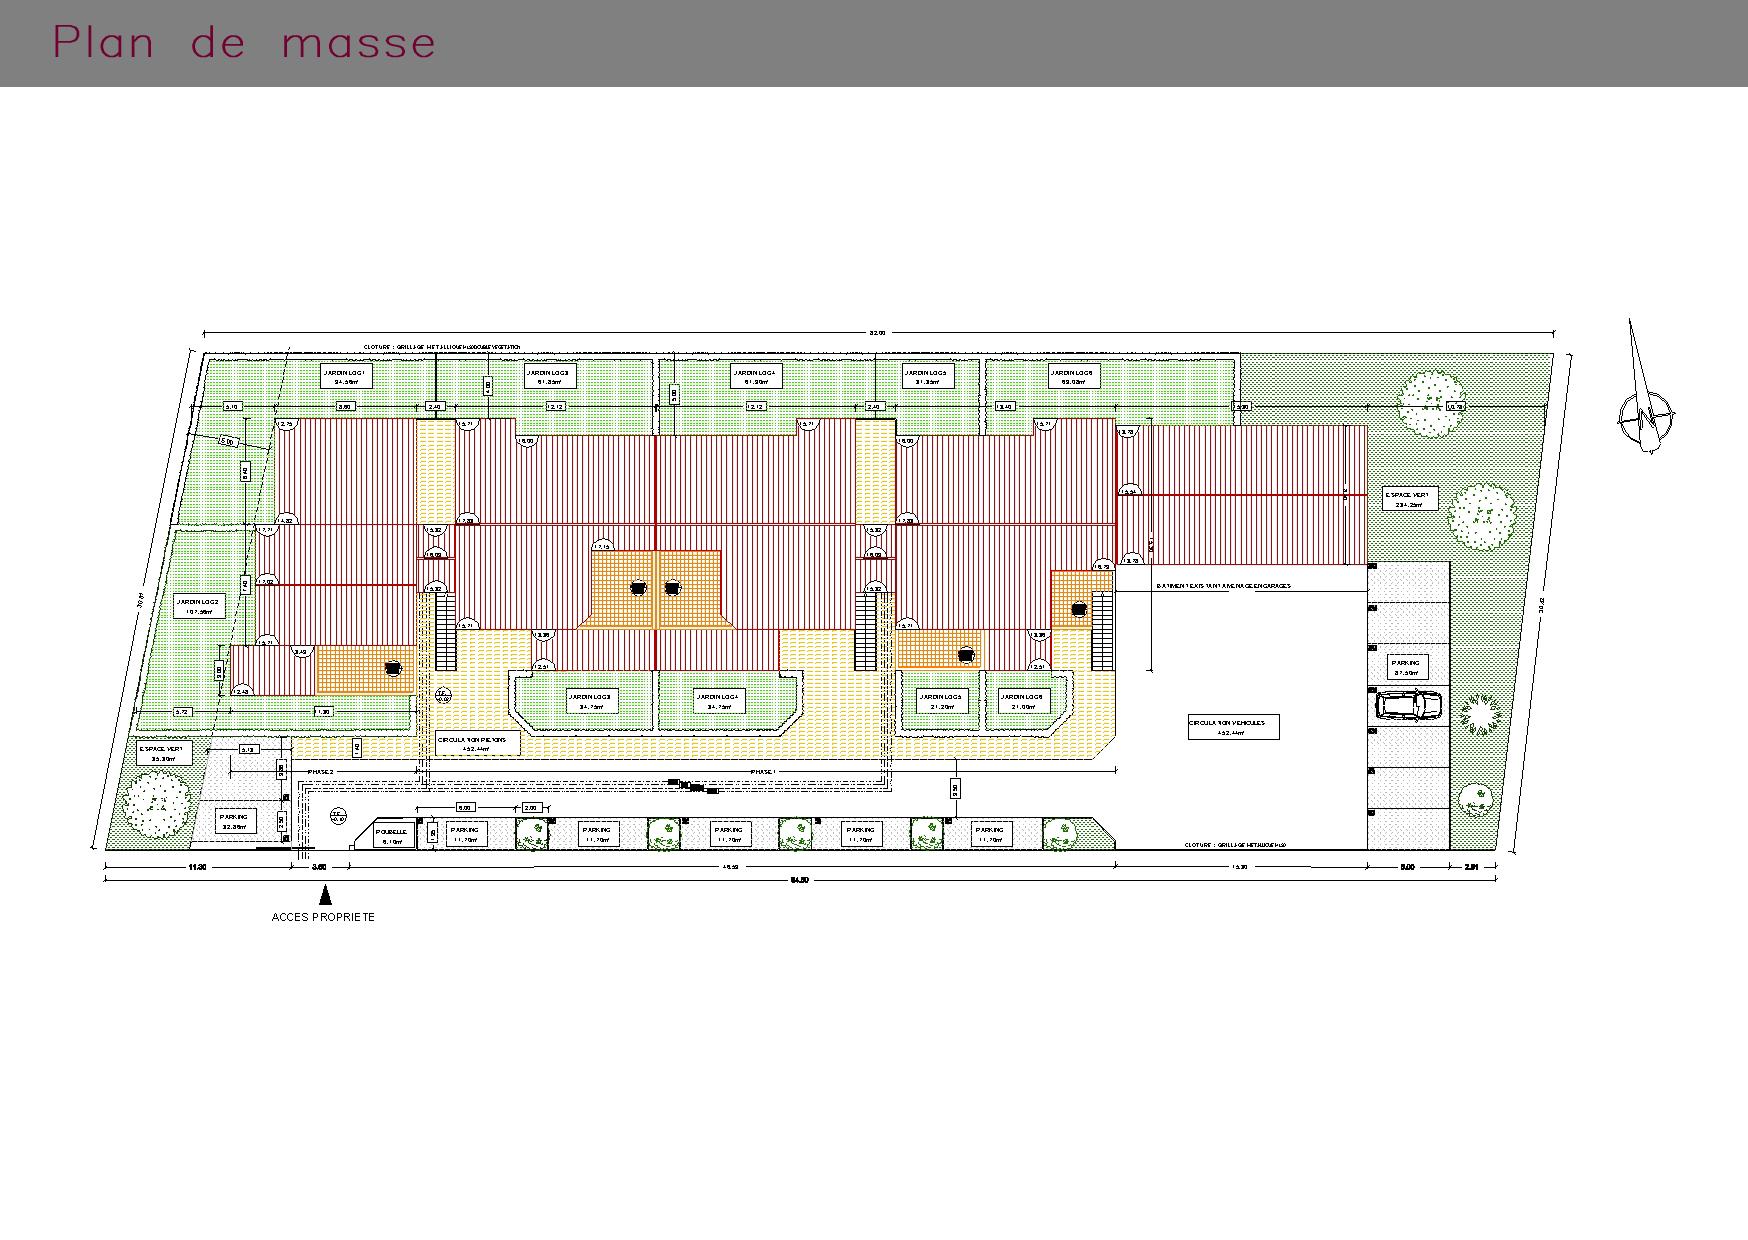 Plan de masse de l'ensemble des logements